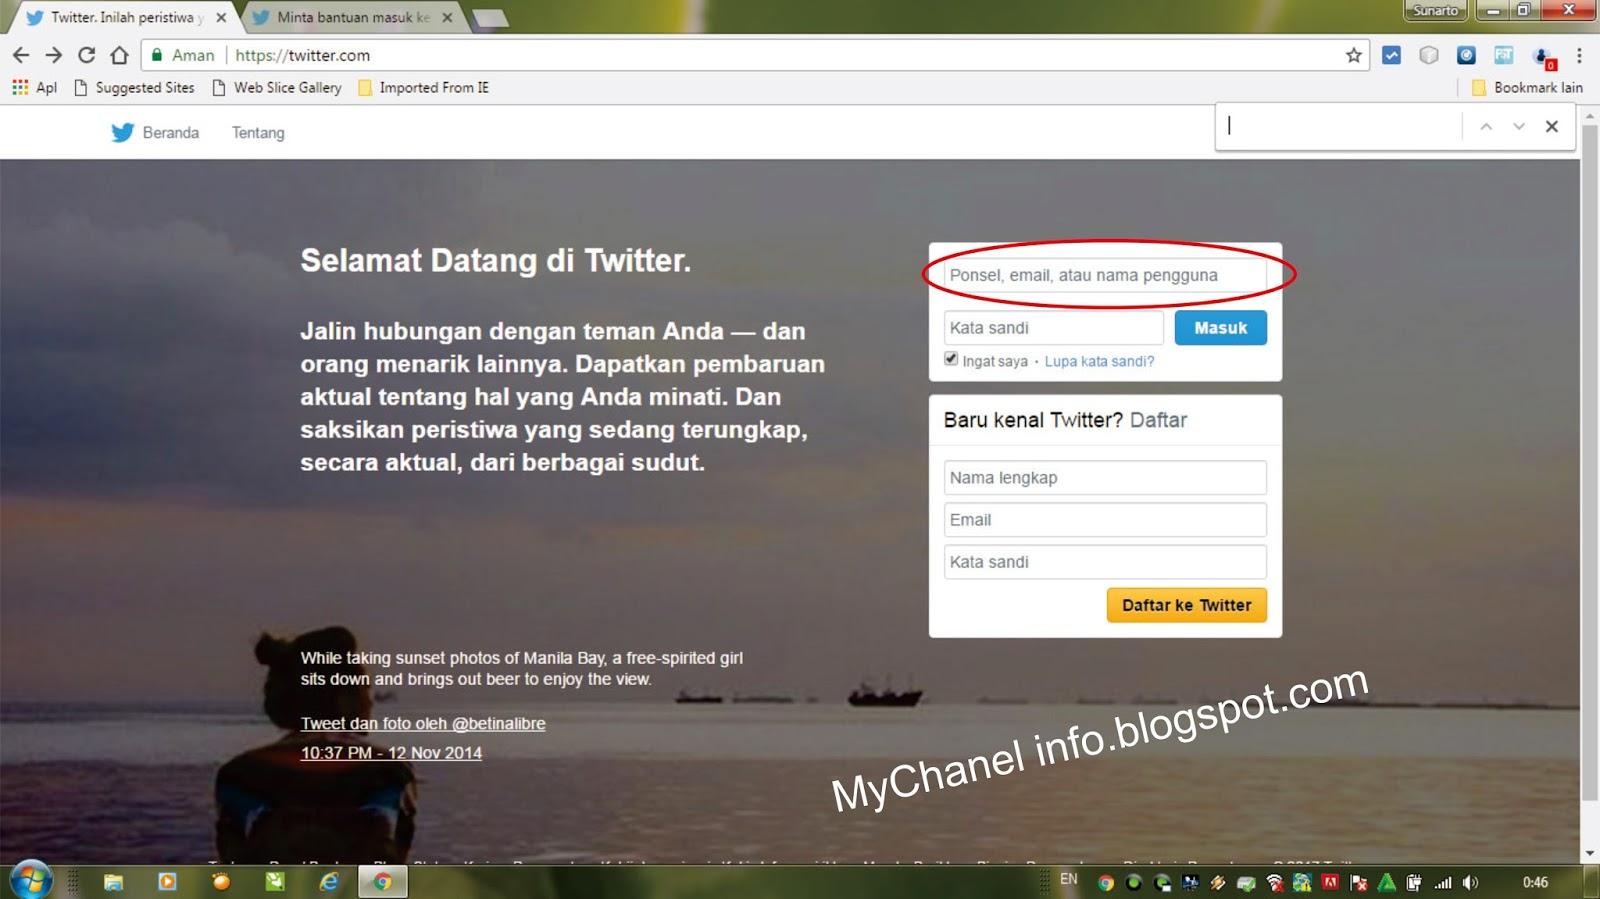 Cara Menghapus Akun Twitter Yang Lupa Pasword Dan Email